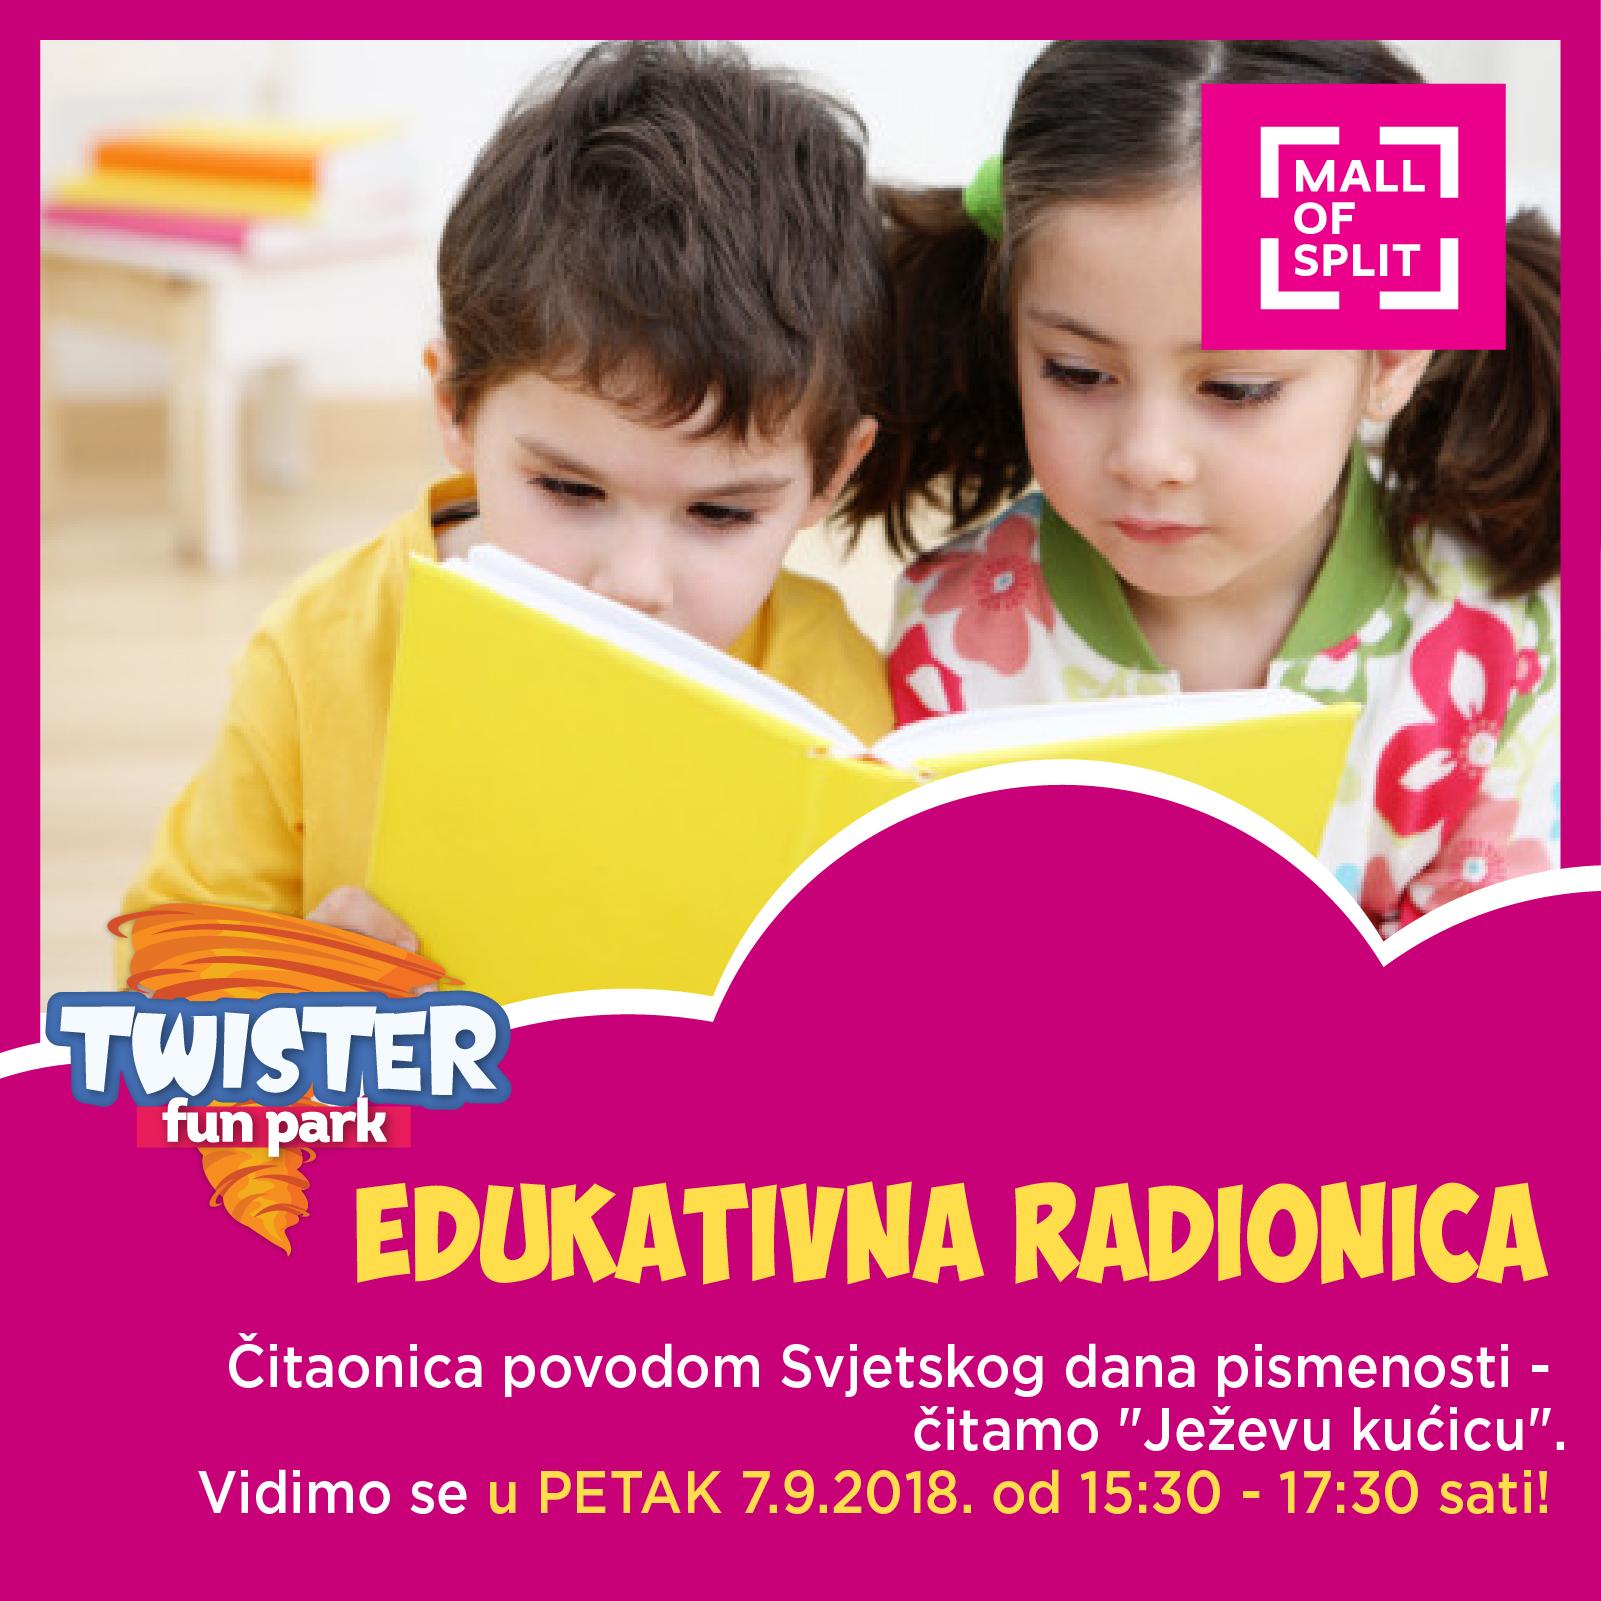 twister split kreativna likovna radionica djeca